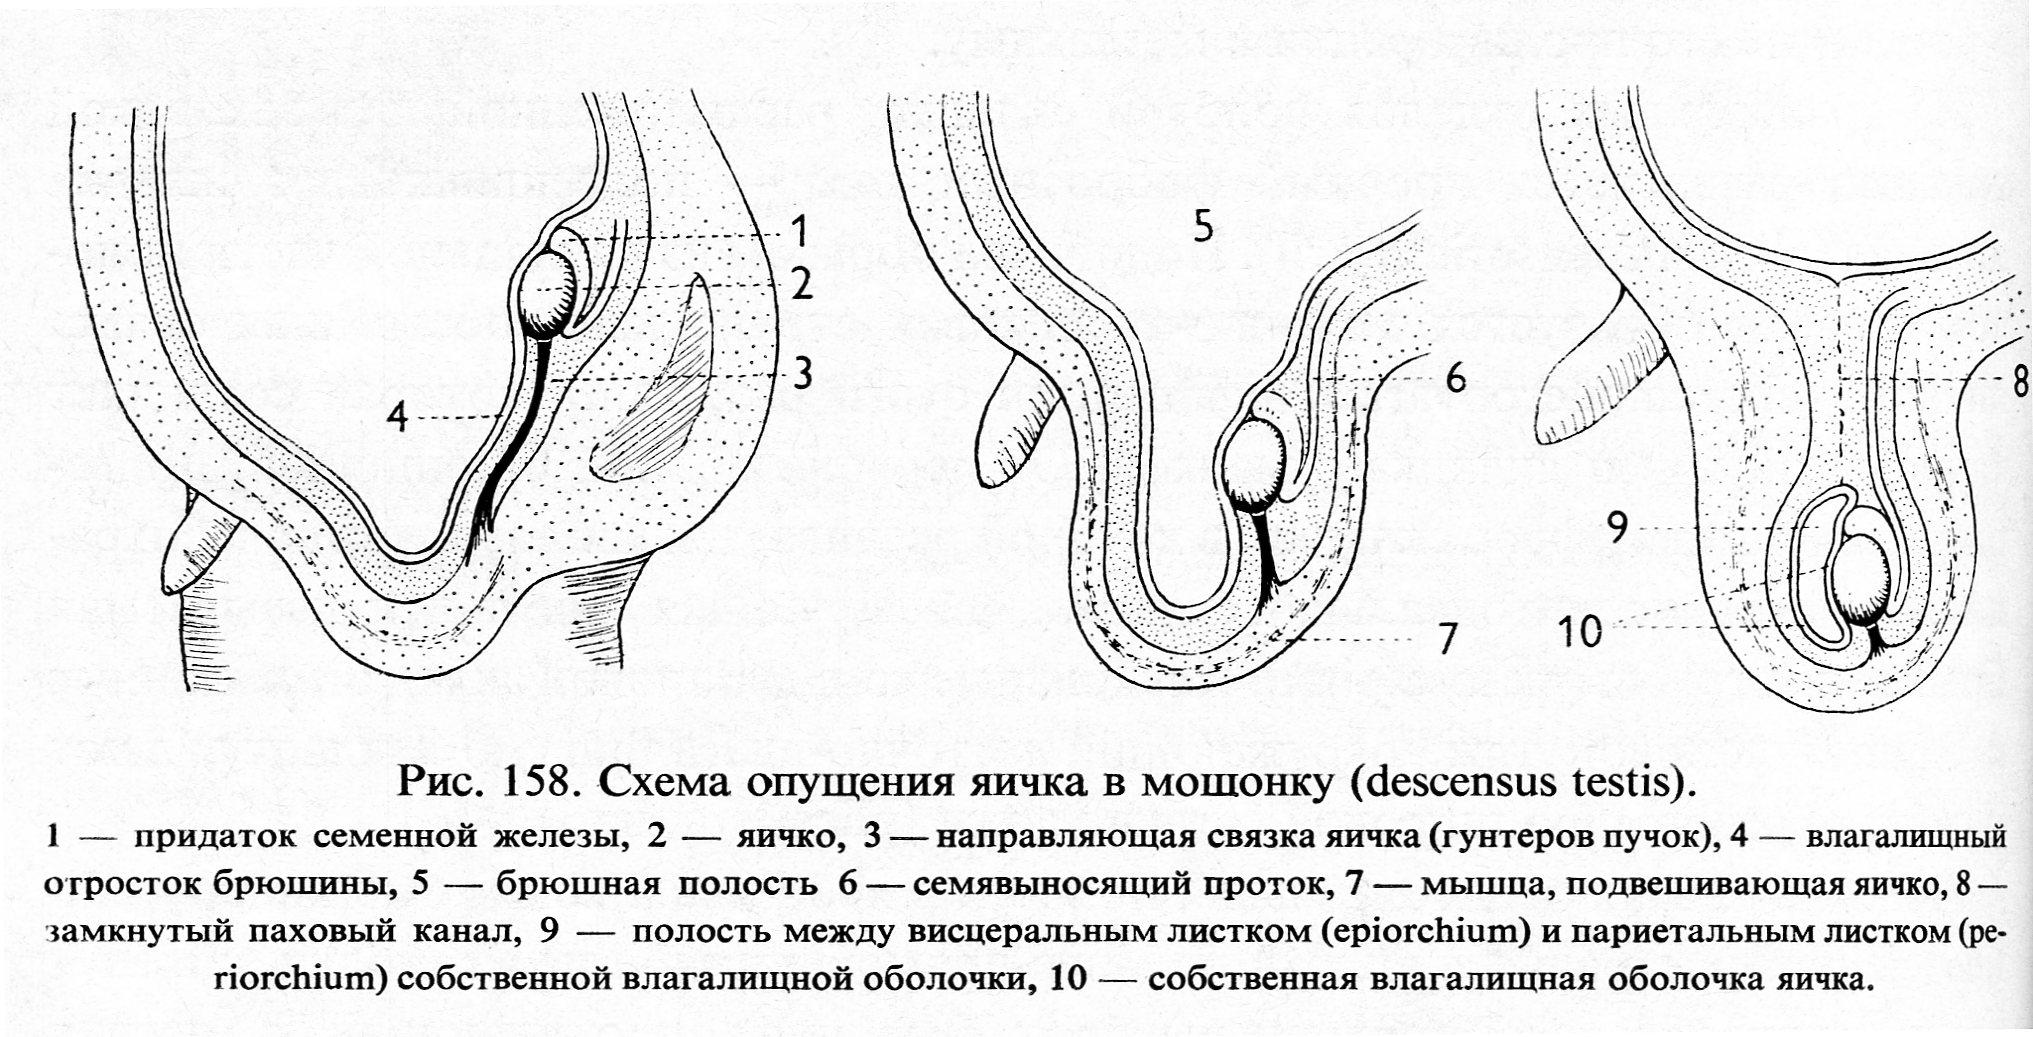 Женские аномалии влагалище член